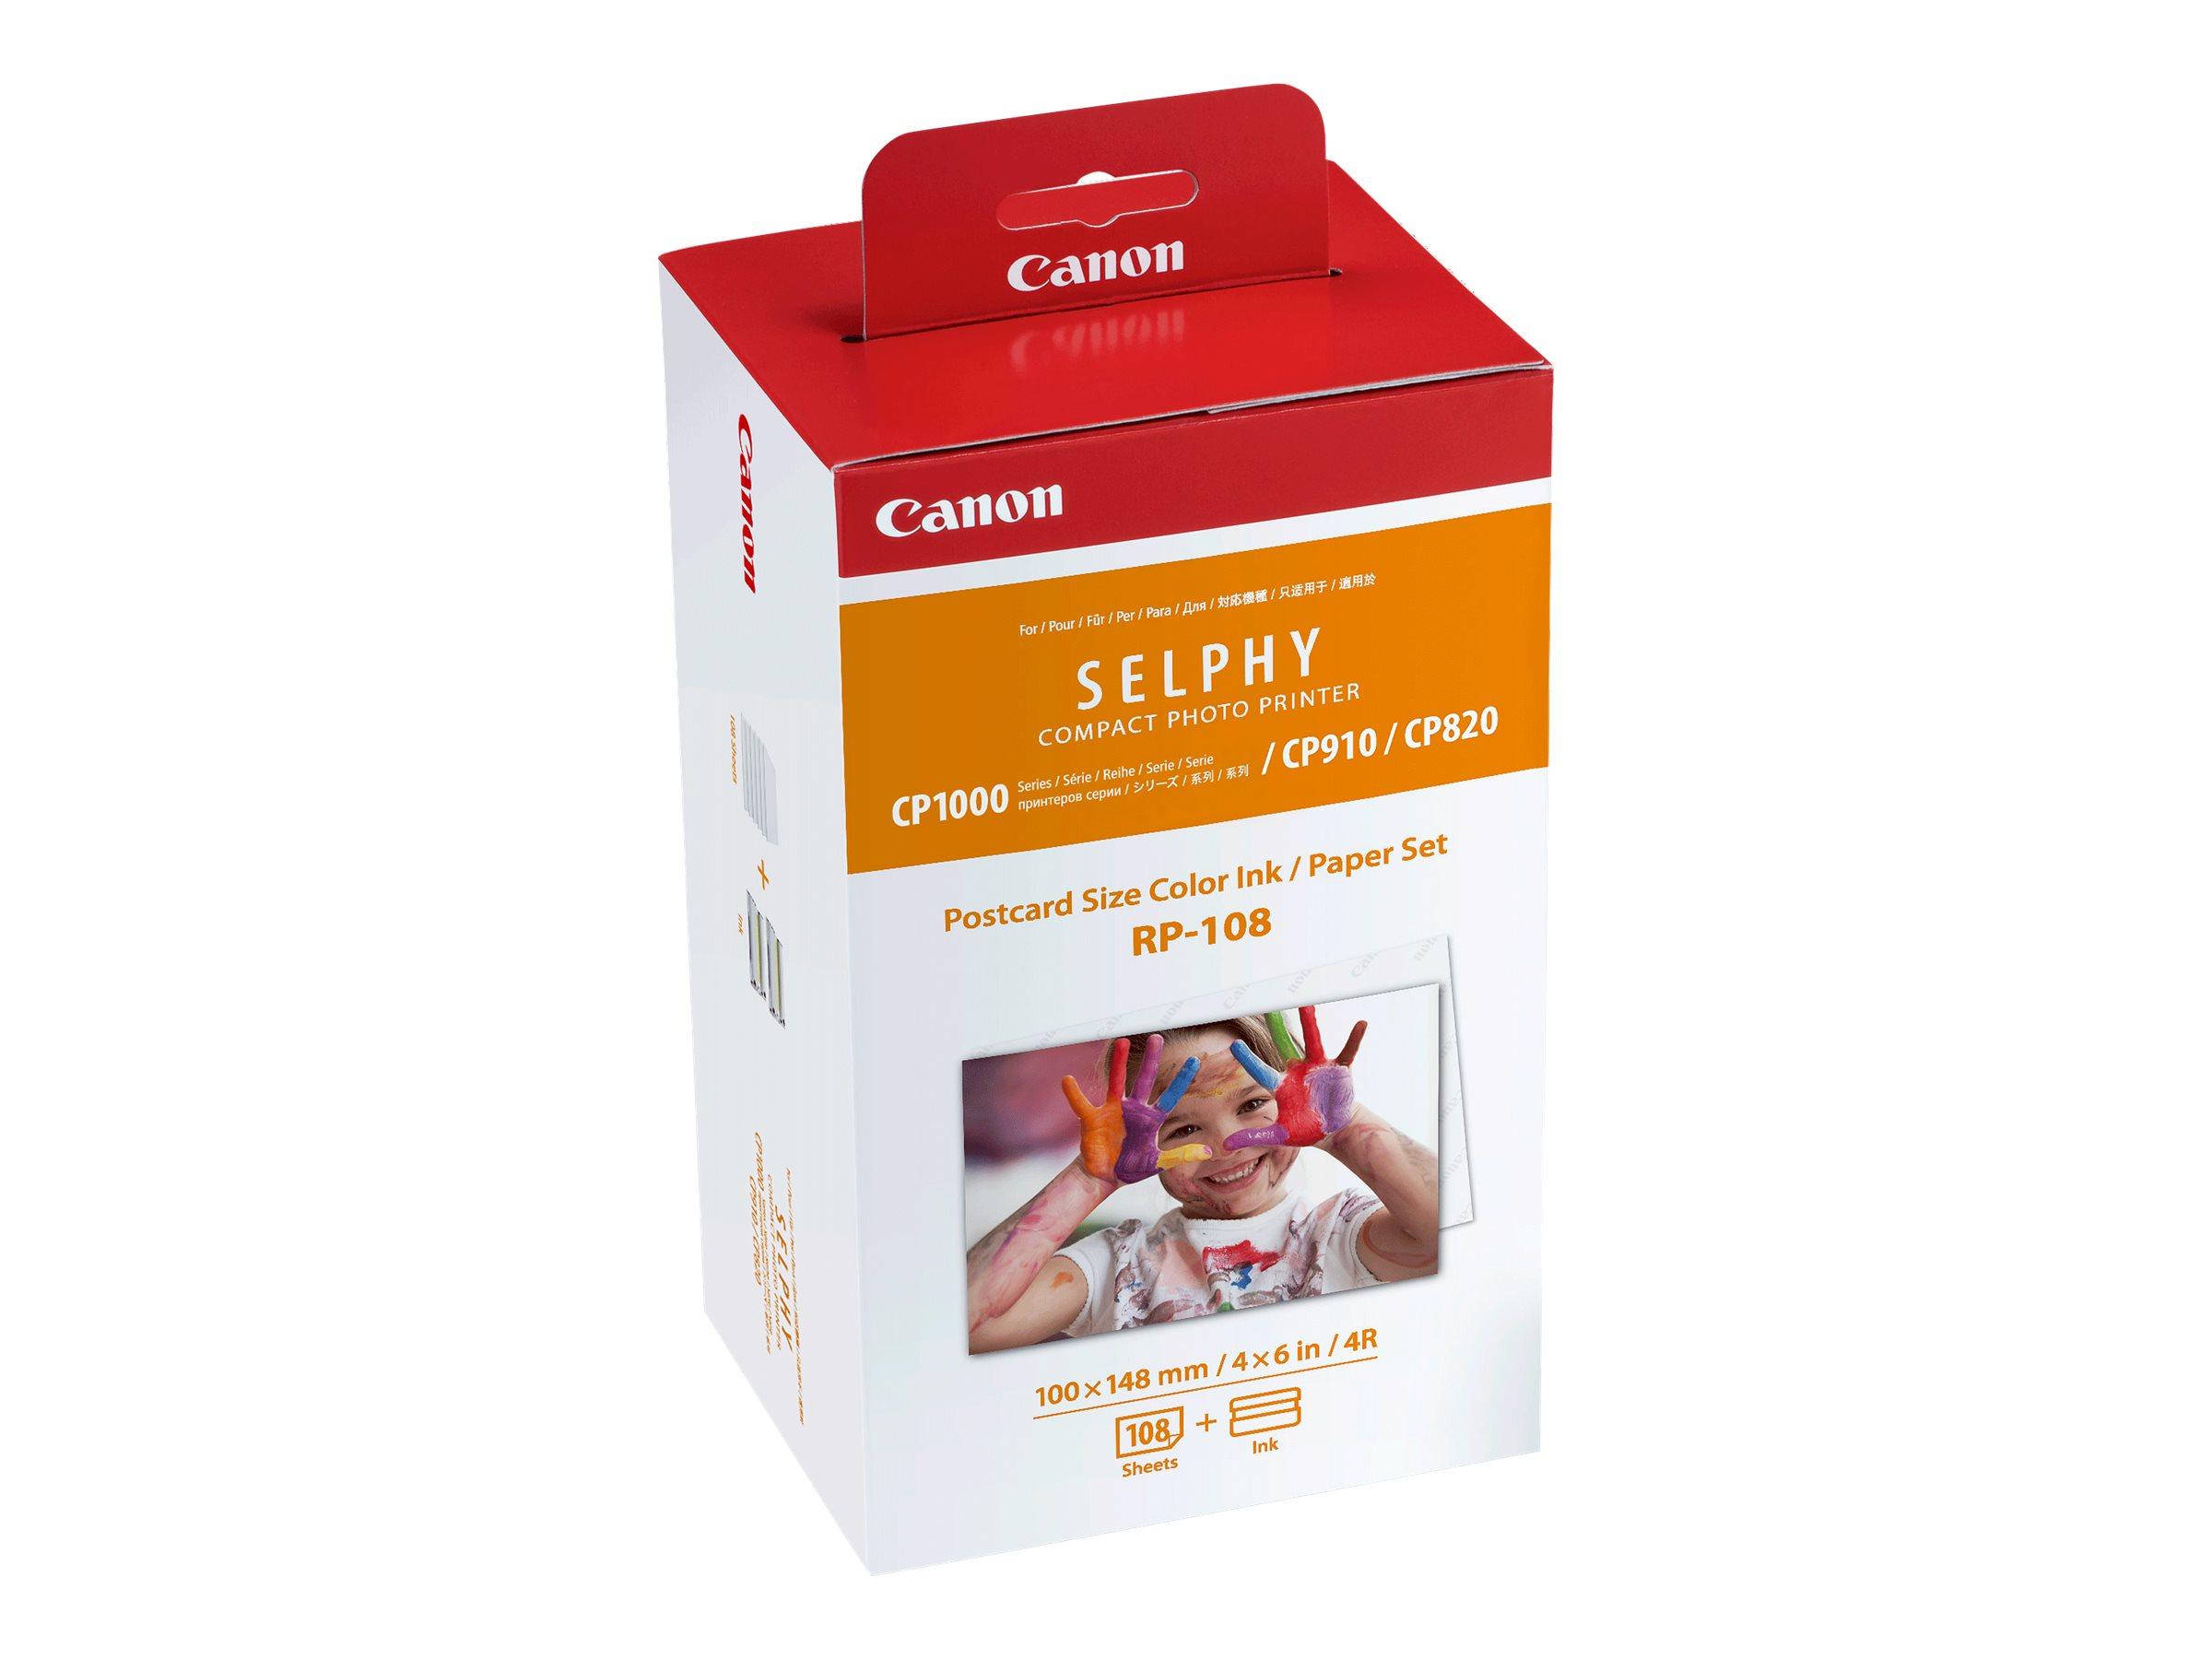 Canon RP-108 - 2er-Pack - Farbbandkassetten- und Papier-Kit - für SELPHY CP1000, CP1200, CP1300, CP820, CP910